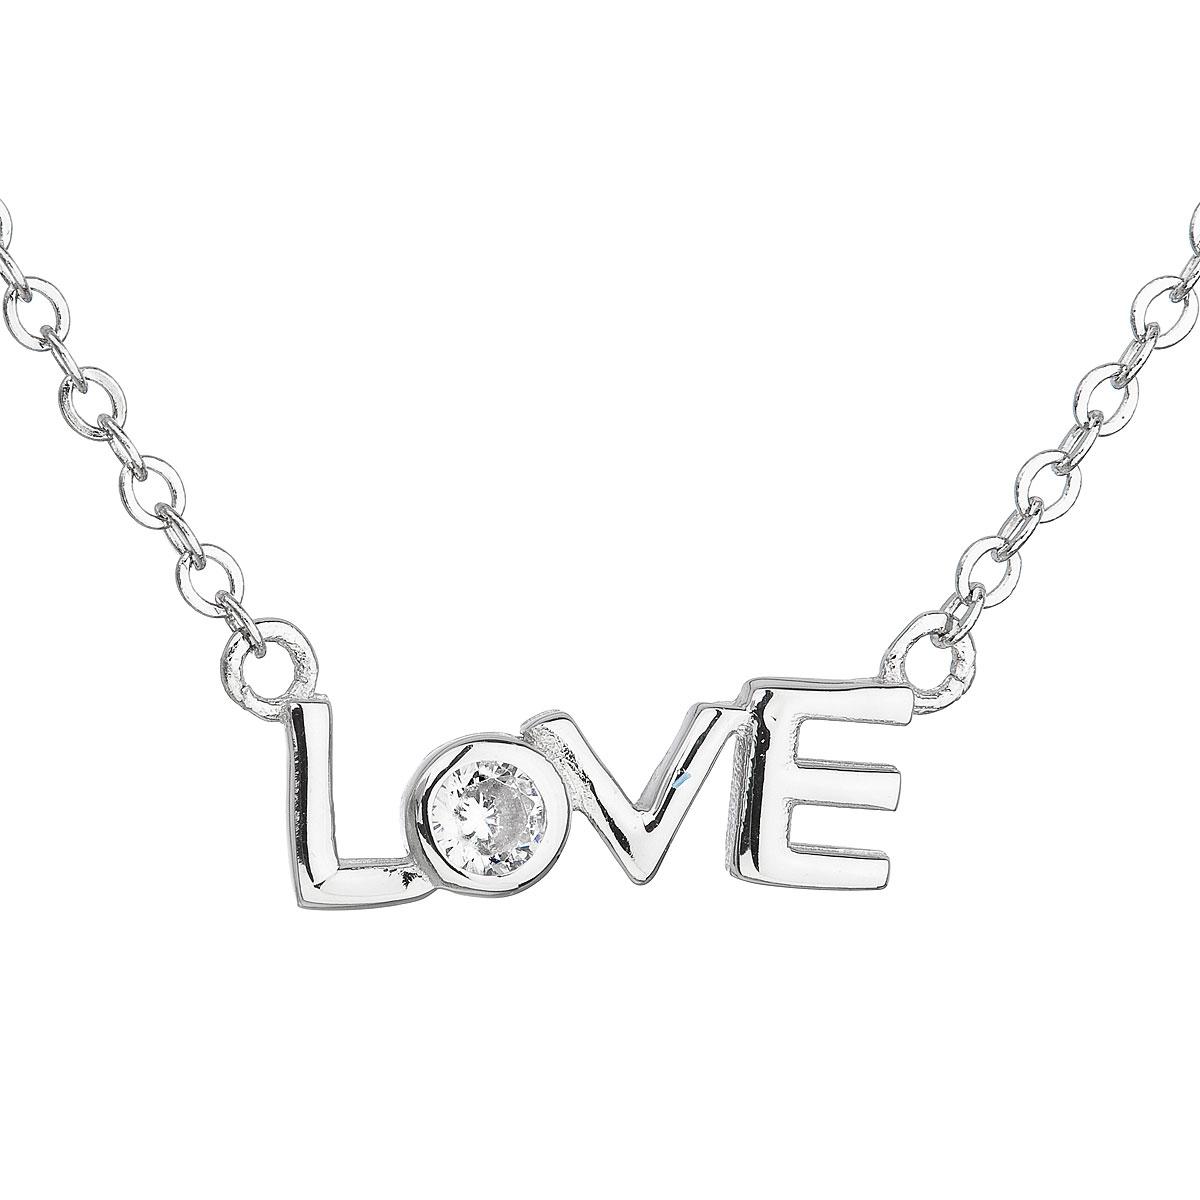 Stříbrný náhrdelník se zirkonem v bílé barvě EG4077